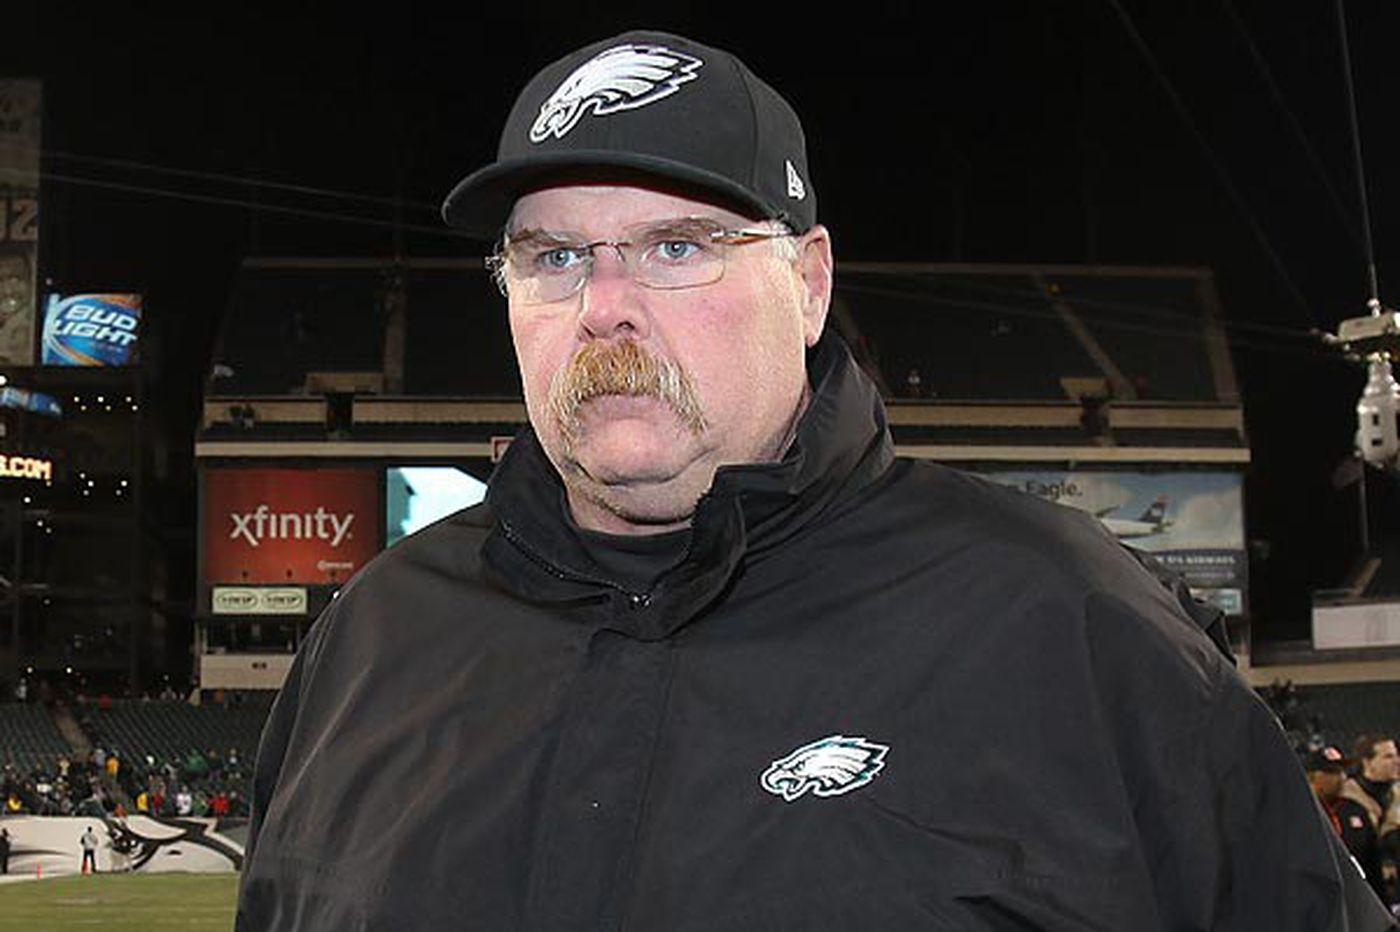 Eagles bemoan Andy's fate but few take blame